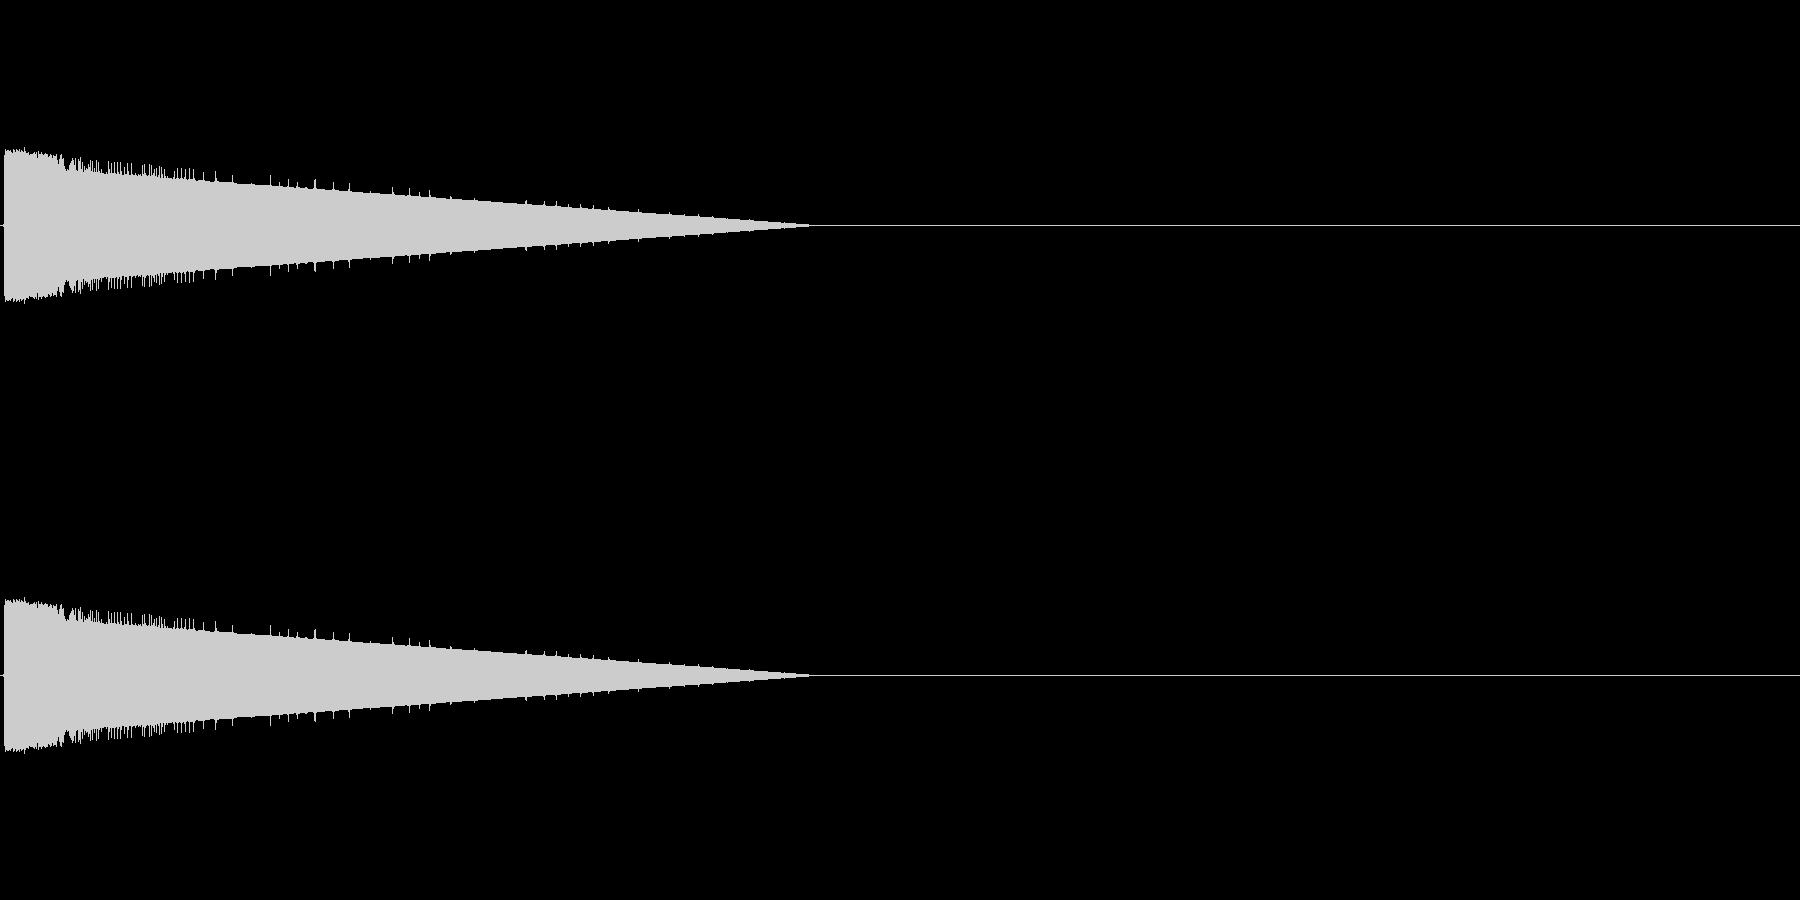 レトロゲーム風爆発音1の未再生の波形